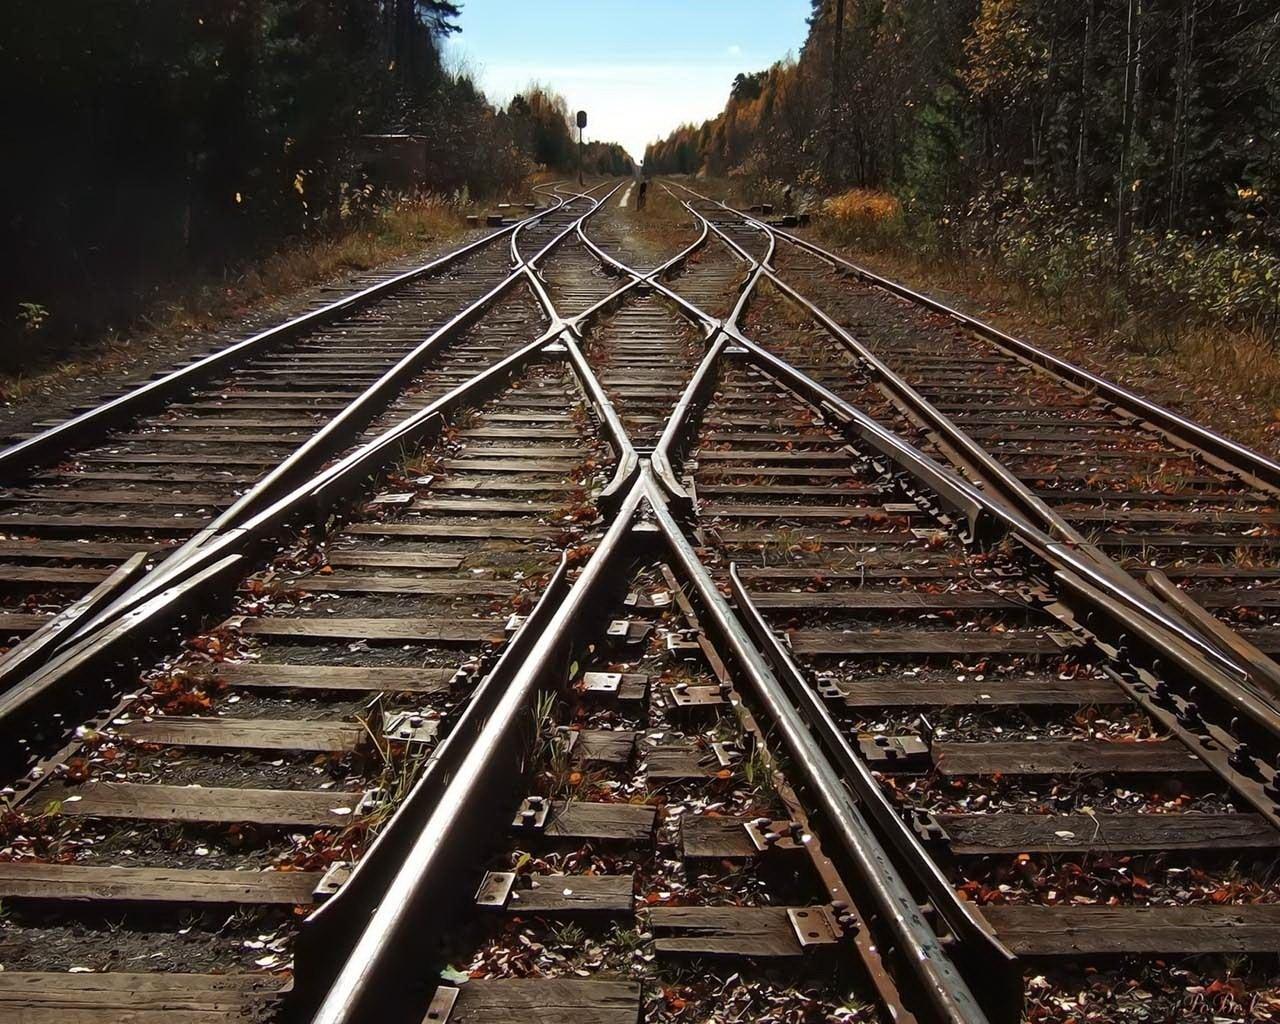 Îți poți încărca telefonul de la calea ferată. Dar e ilegal.